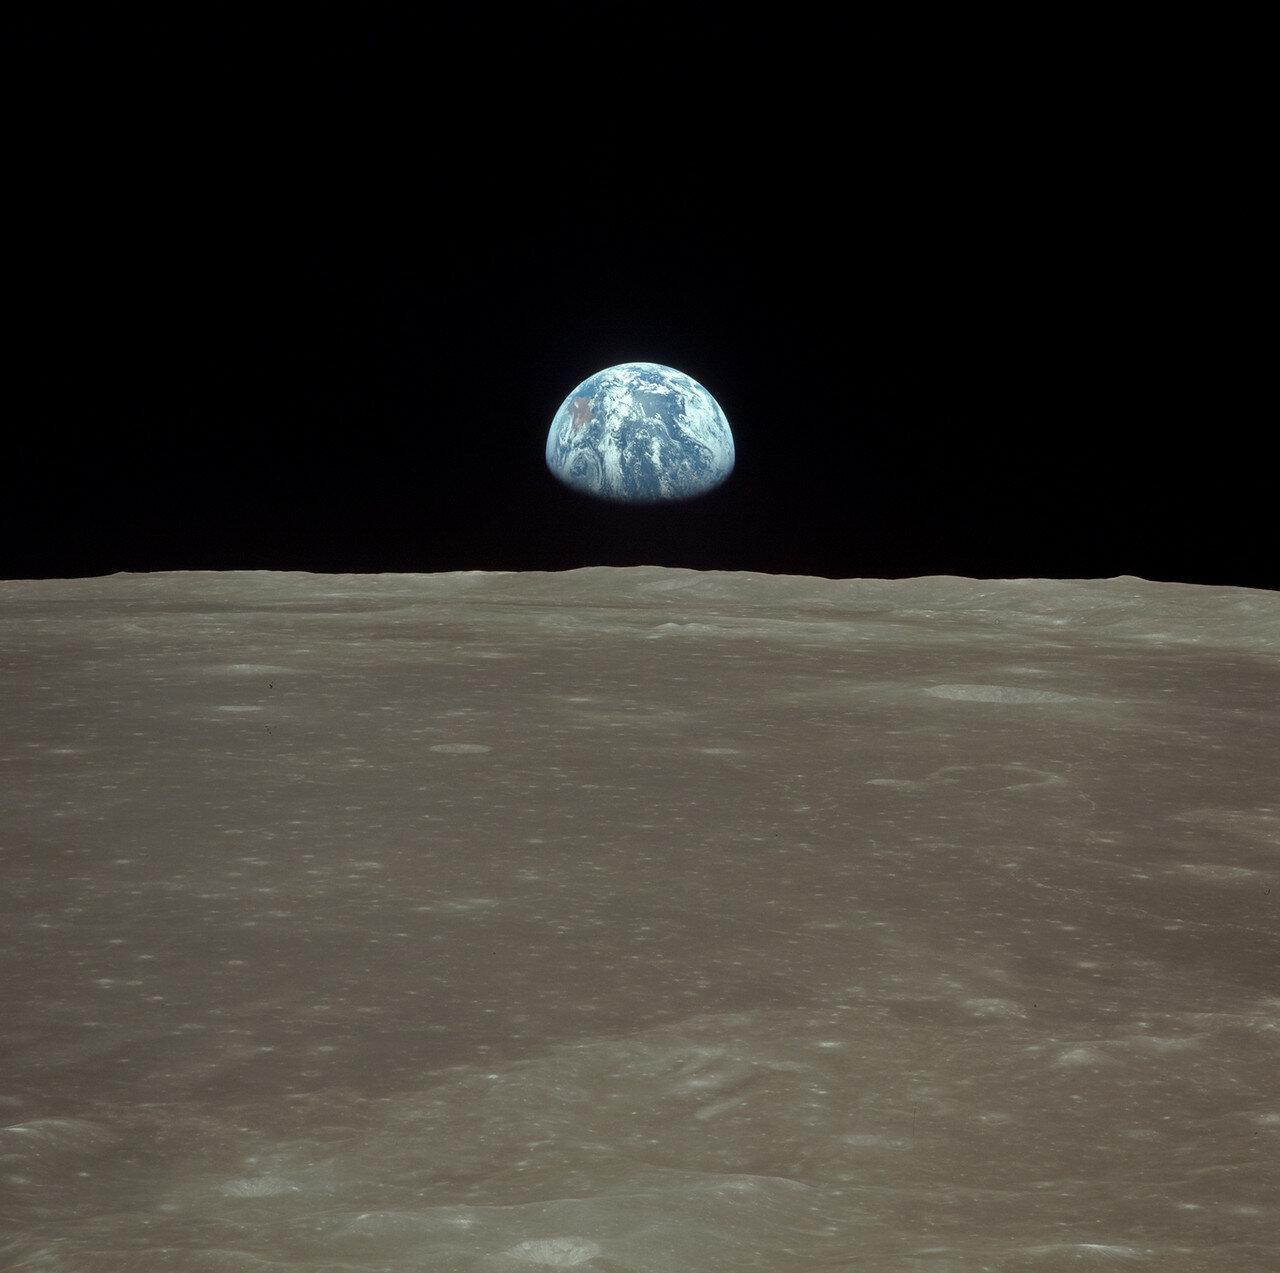 Далее он наддул переходной туннель, открыл люк и передал Армстронгу и Олдрину пылесос. Они, насколько было возможно, почистили скафандры и всё, что предстояло перенести в командный модуль. Коллинз стал третьим человеком, увидевшим лунный грунт. Армстронг,